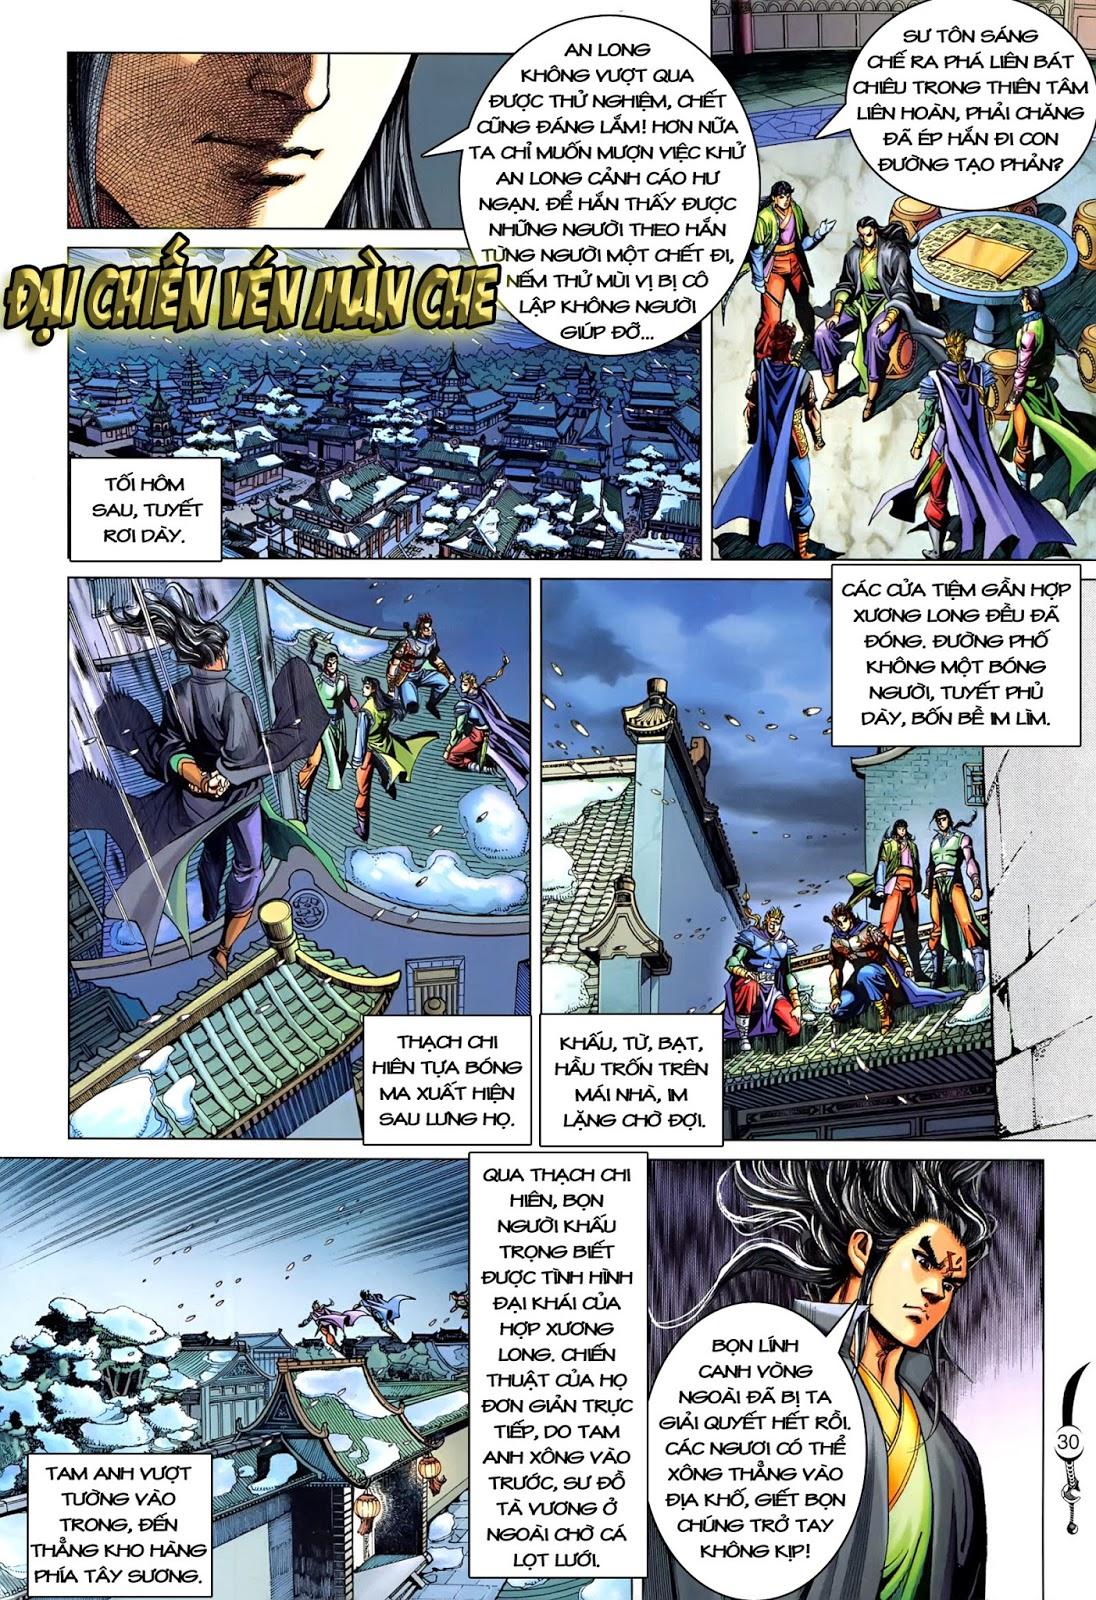 Đại Đường Song Long Truyện chap 216 - Trang 32